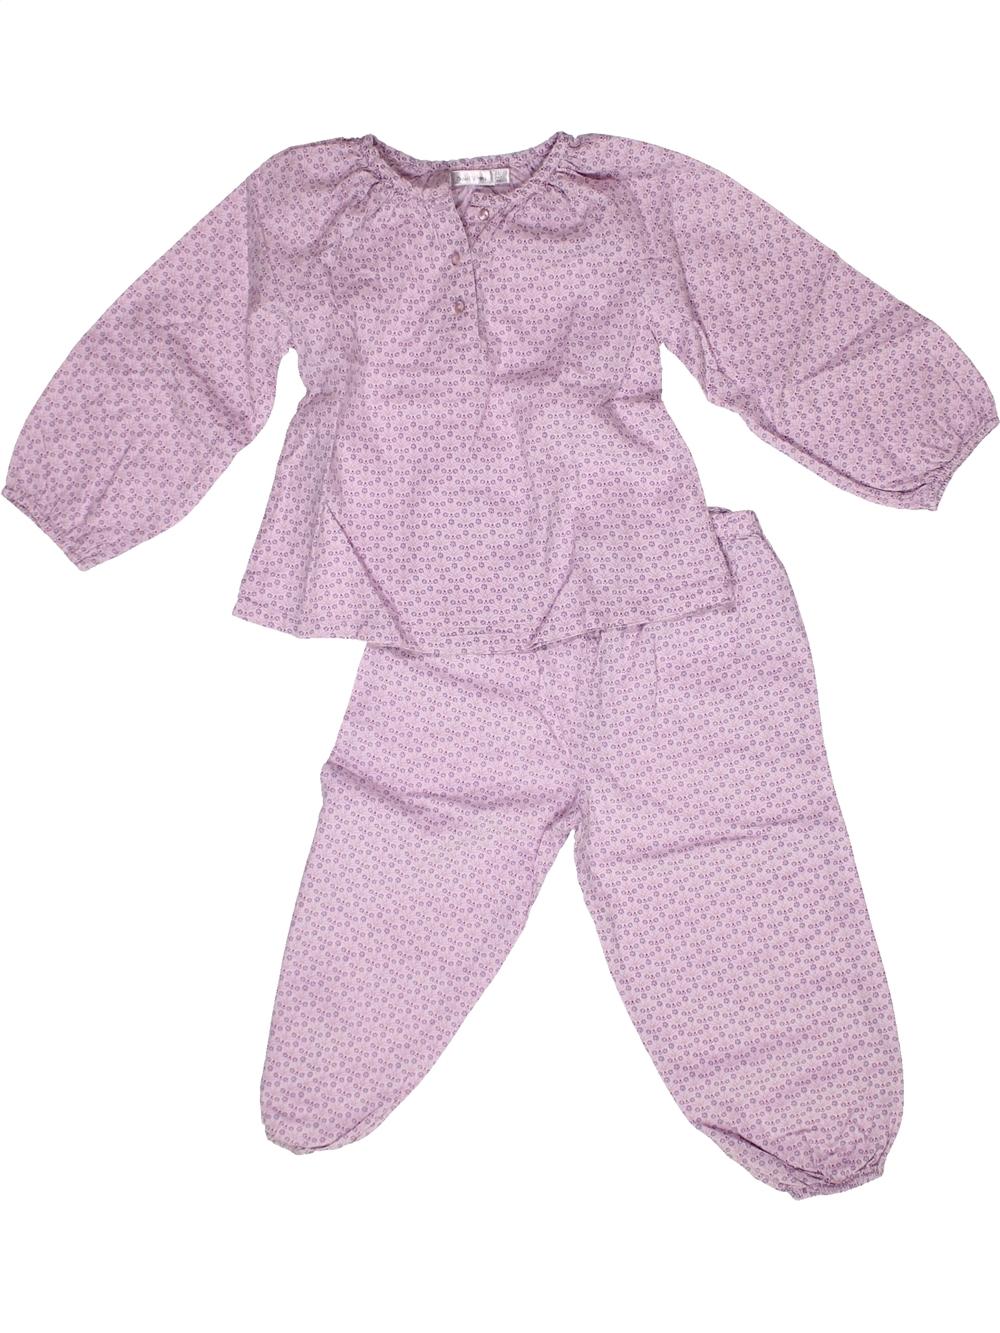 7c2dc49a63404 Pyjama 2 pièces Fille BOUT'CHOU 3 ans pas cher, 9.99 € - #1245776